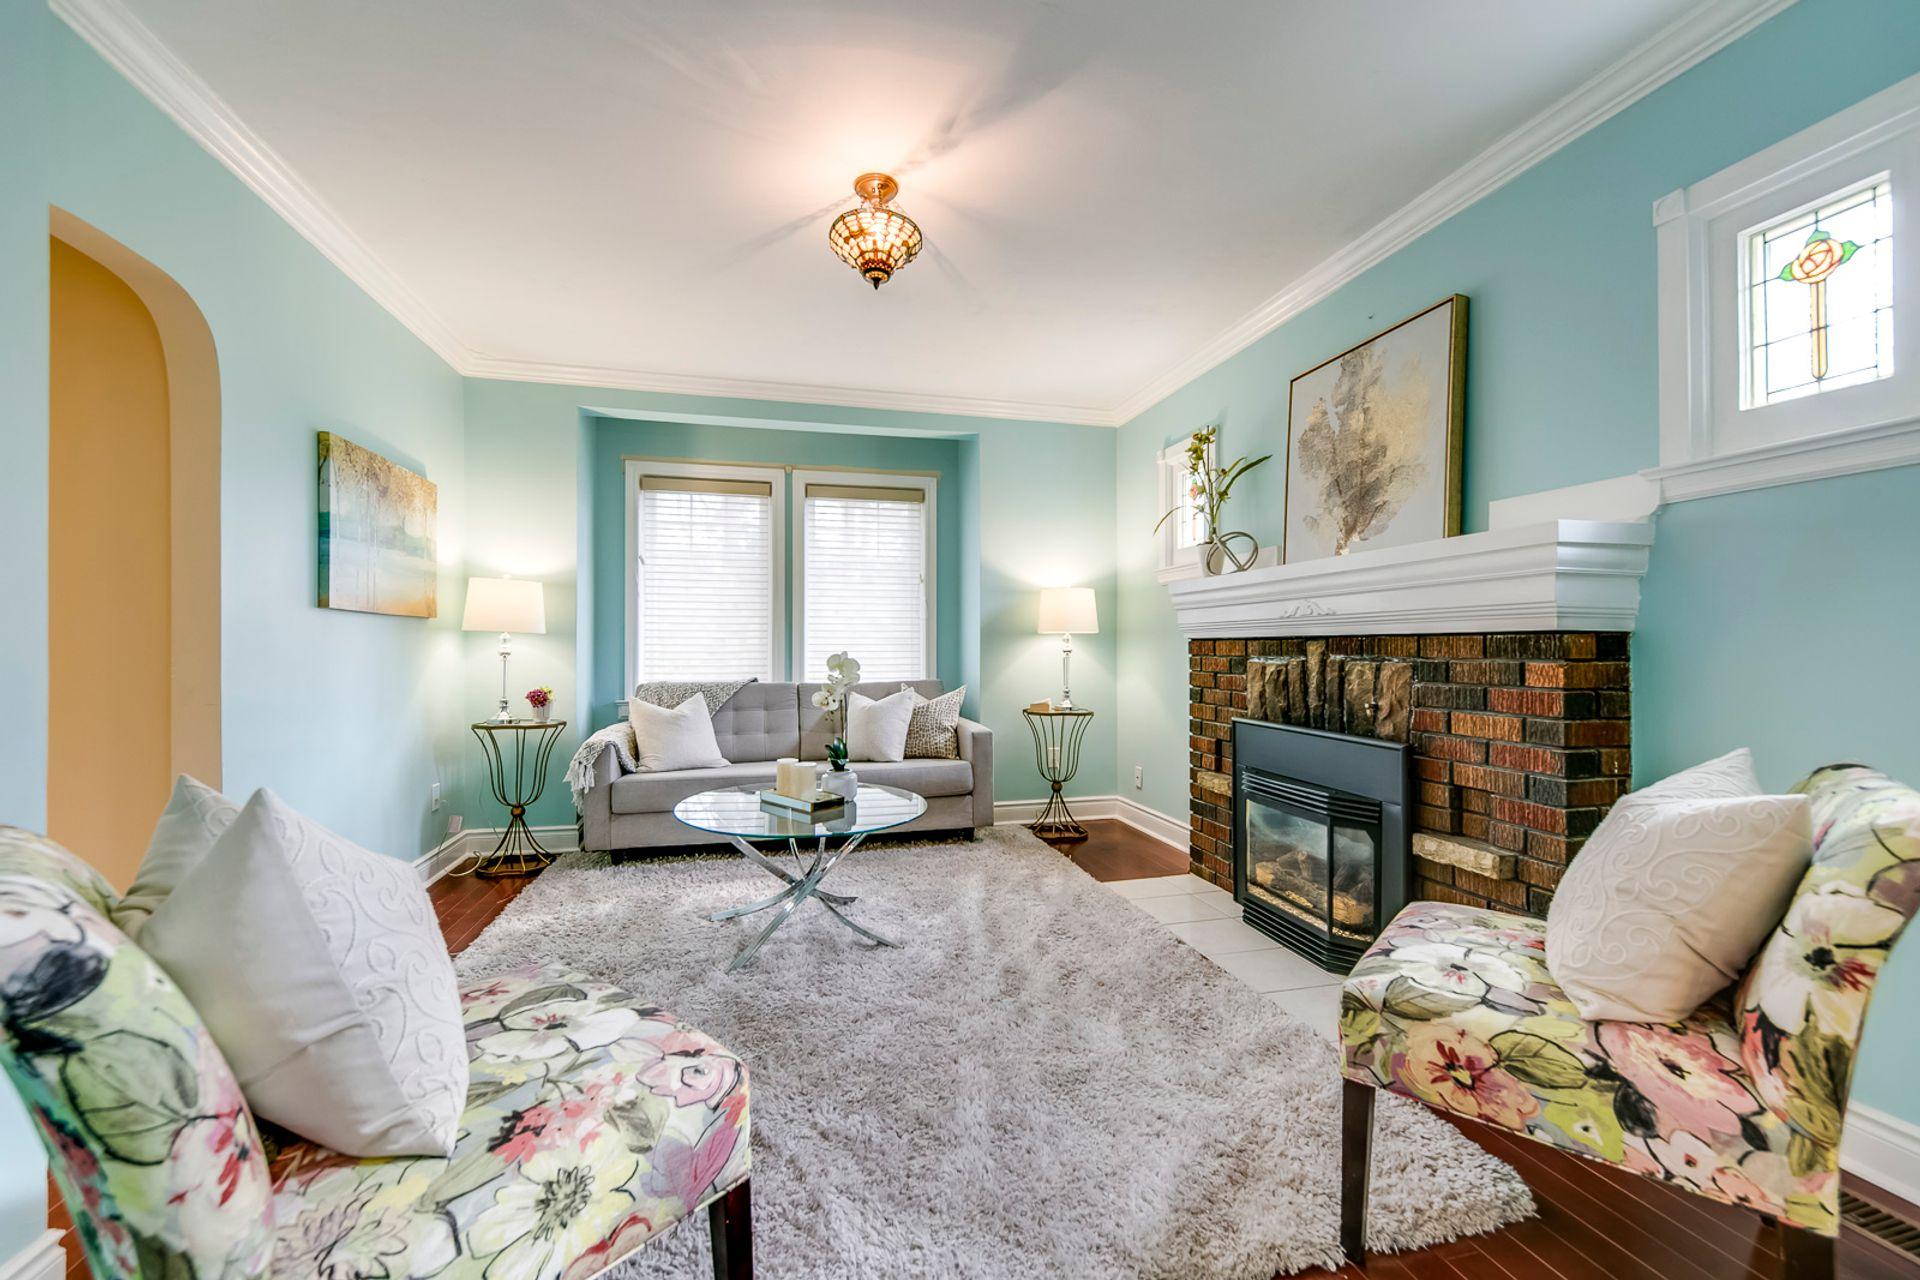 Living Room - 398 Maple Grove Dr, Oakville - Elite3 & Team at 398 Maple Grove Drive, Eastlake, Oakville